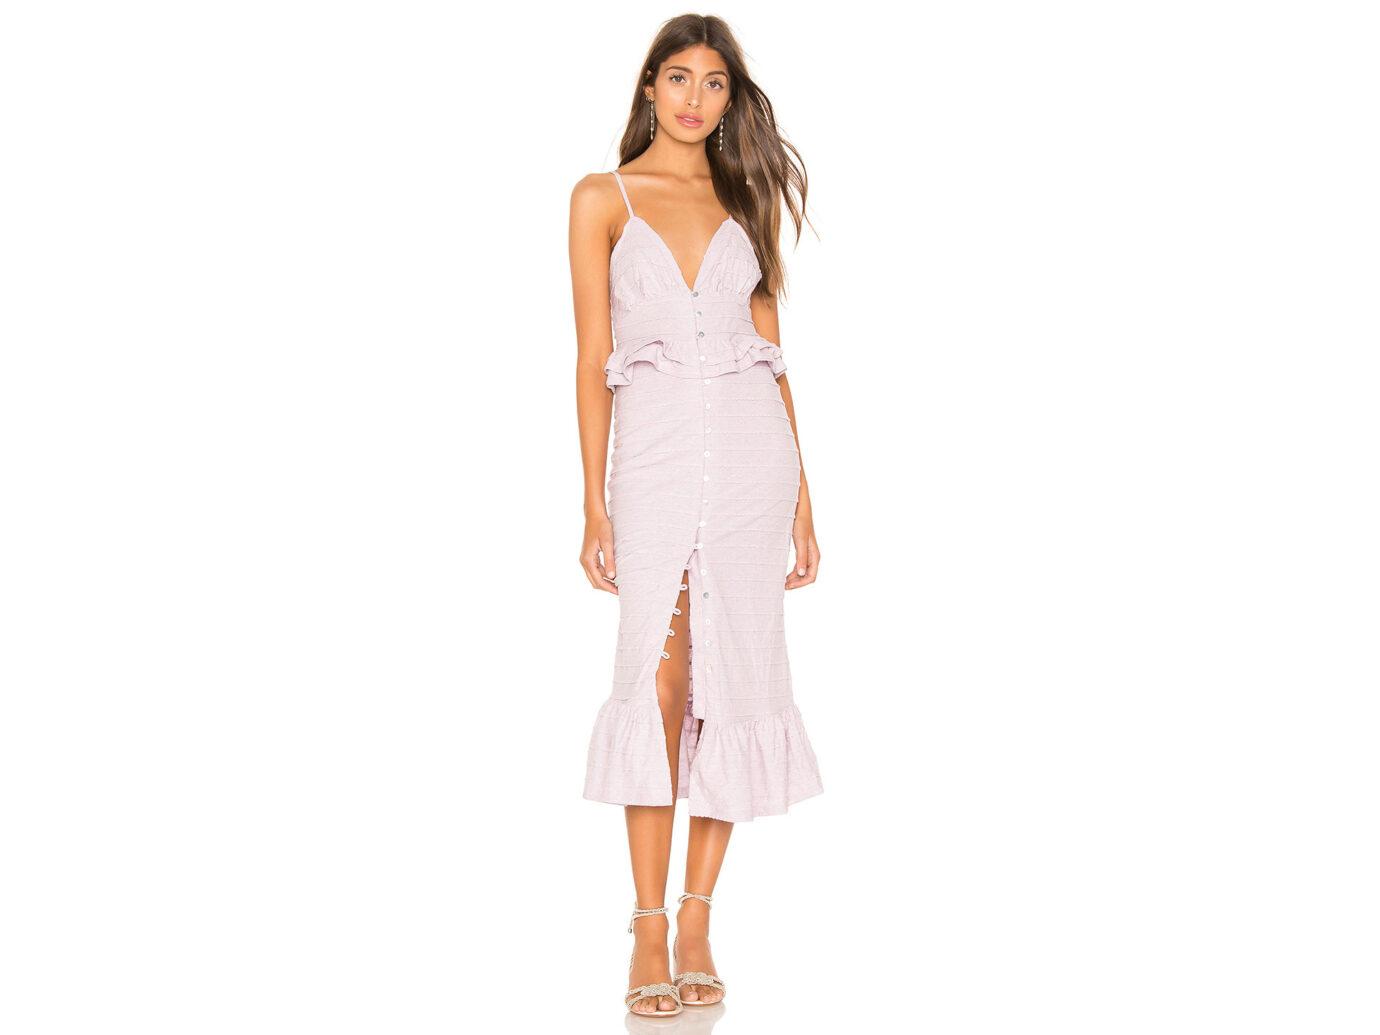 Polly Dress Tularosa brand: Tularosa